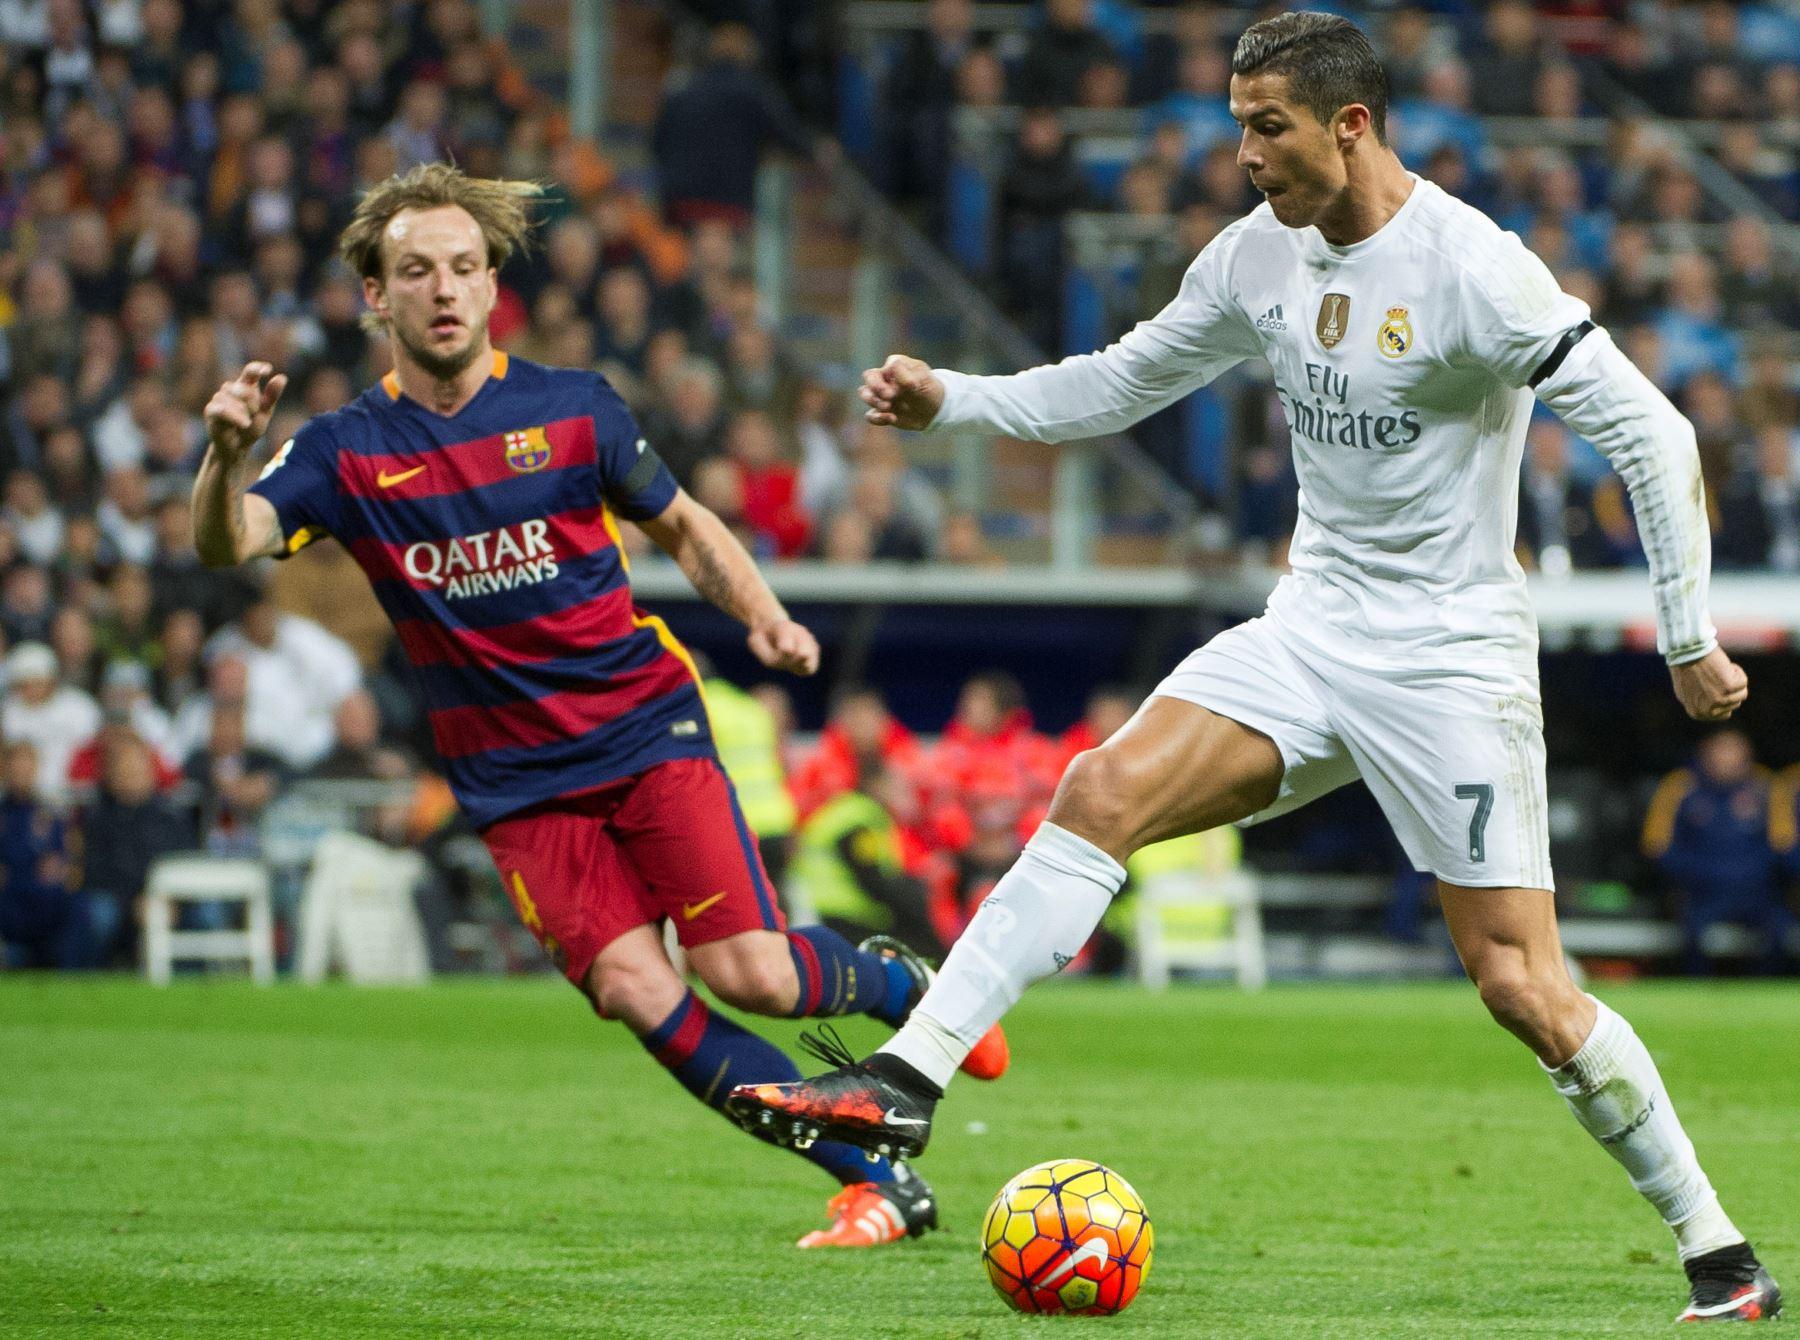 Barcelona y real madrid jugar n cl sico espa ol el pr ximo for Proximo partido del real madrid